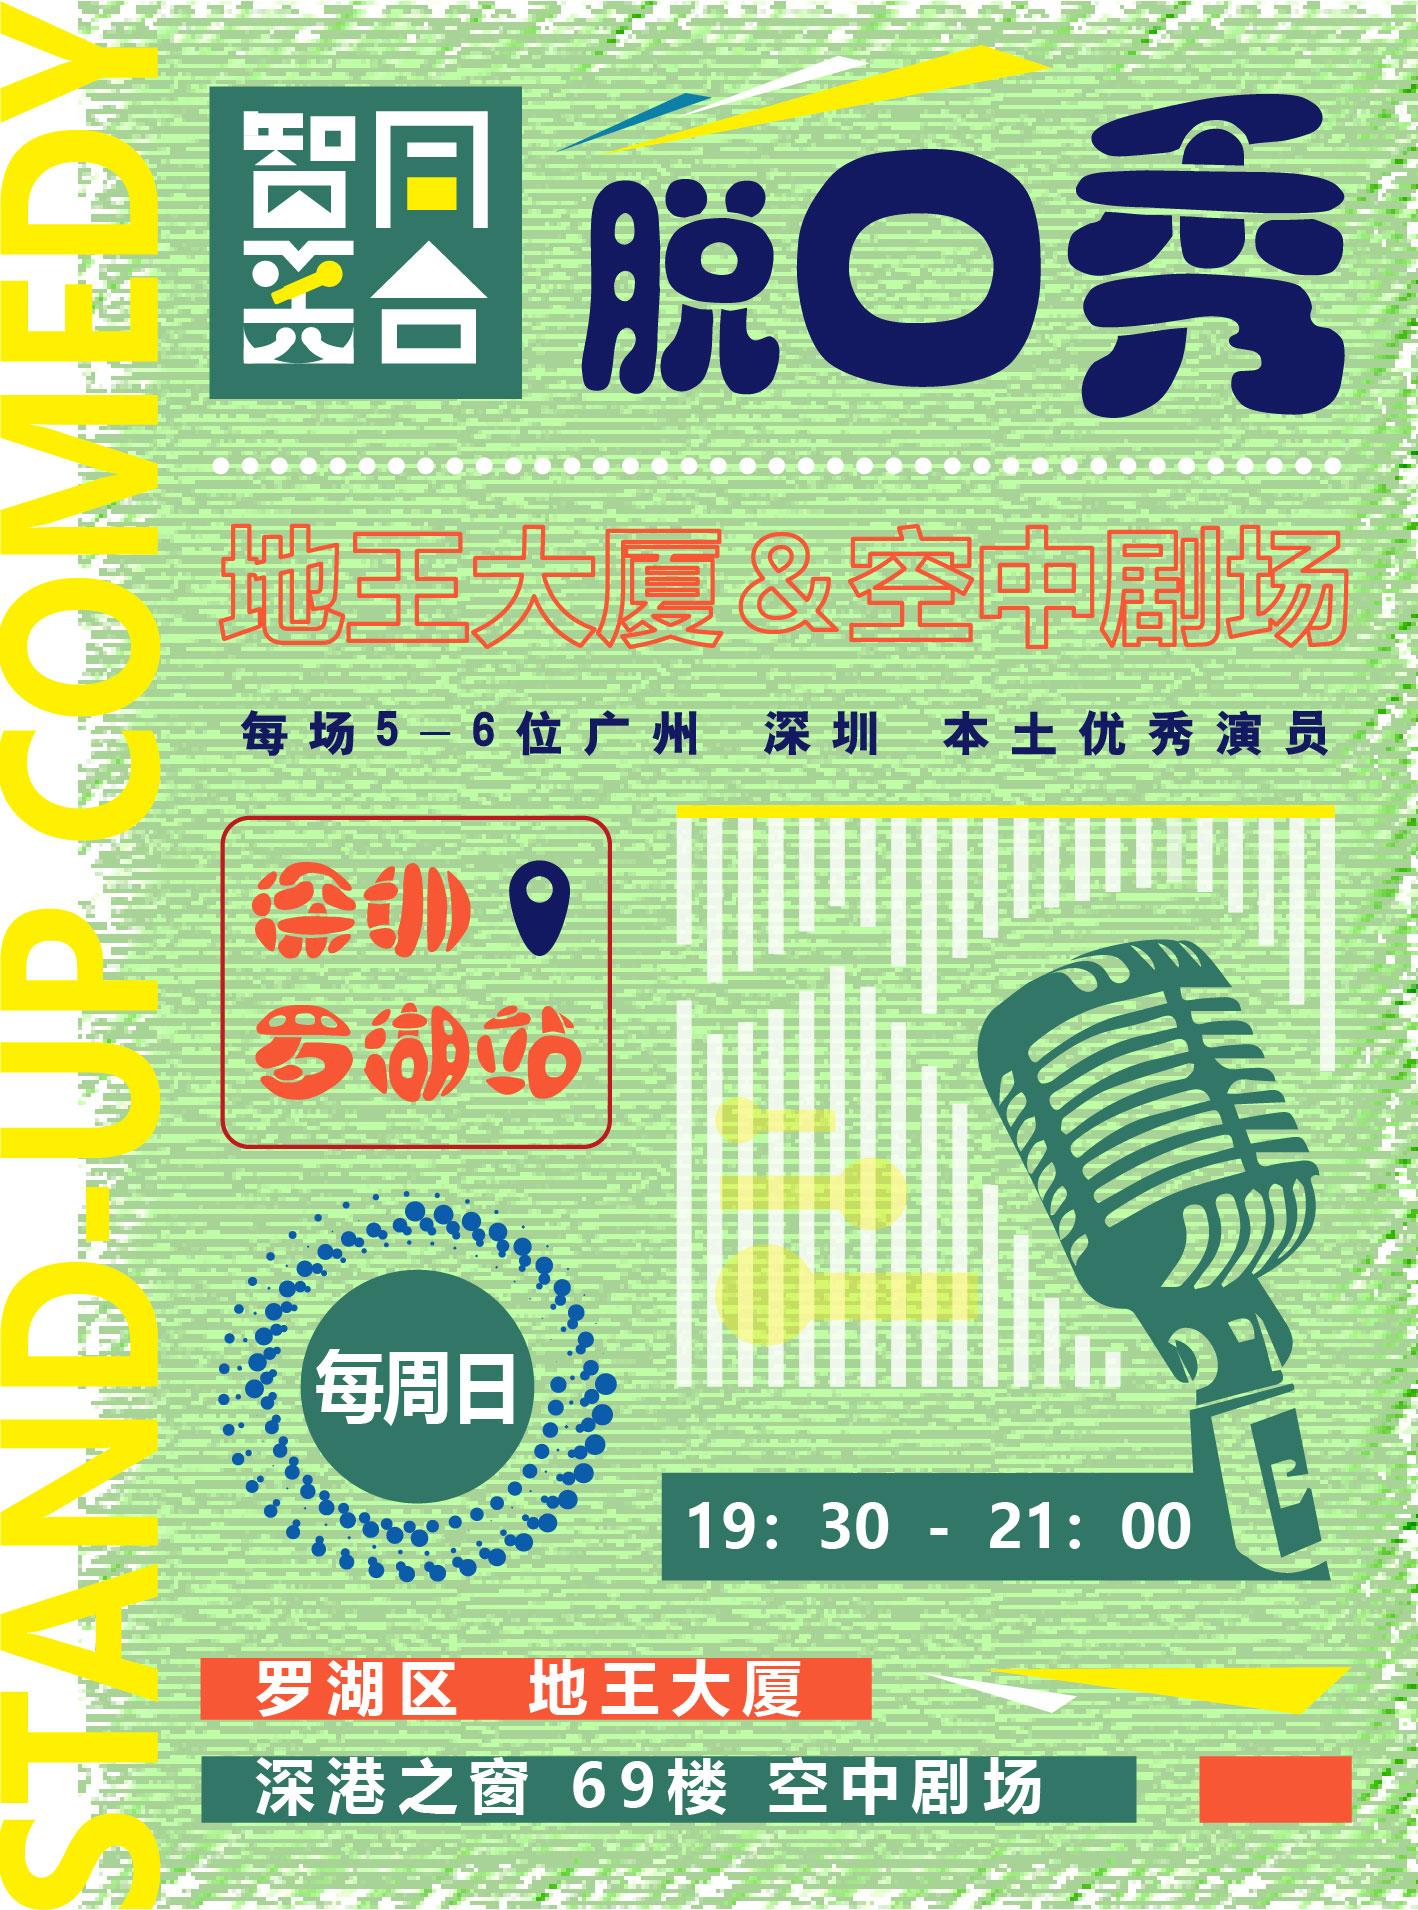 智同笑合&笑咖脫口秀周末爆笑脫口秀小劇場深圳地王站